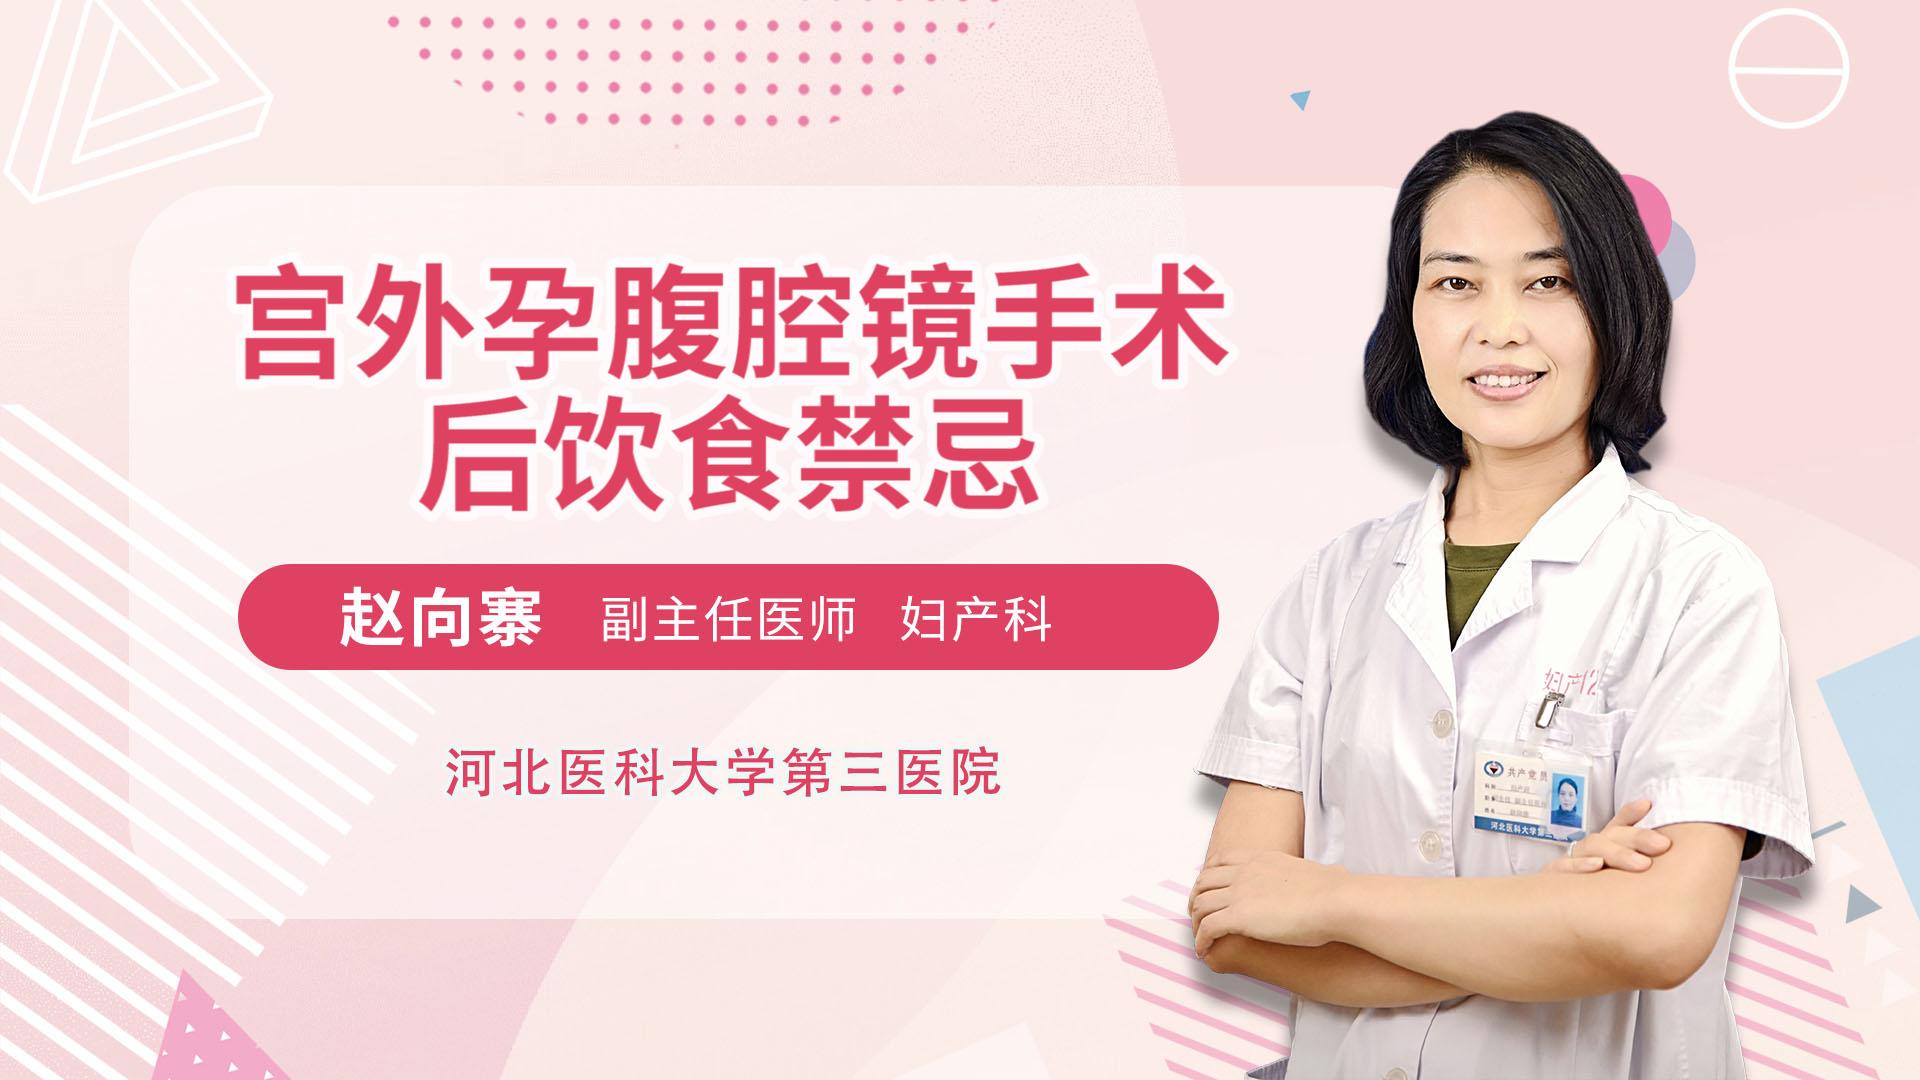 宫外孕腹腔镜手术后饮食禁忌